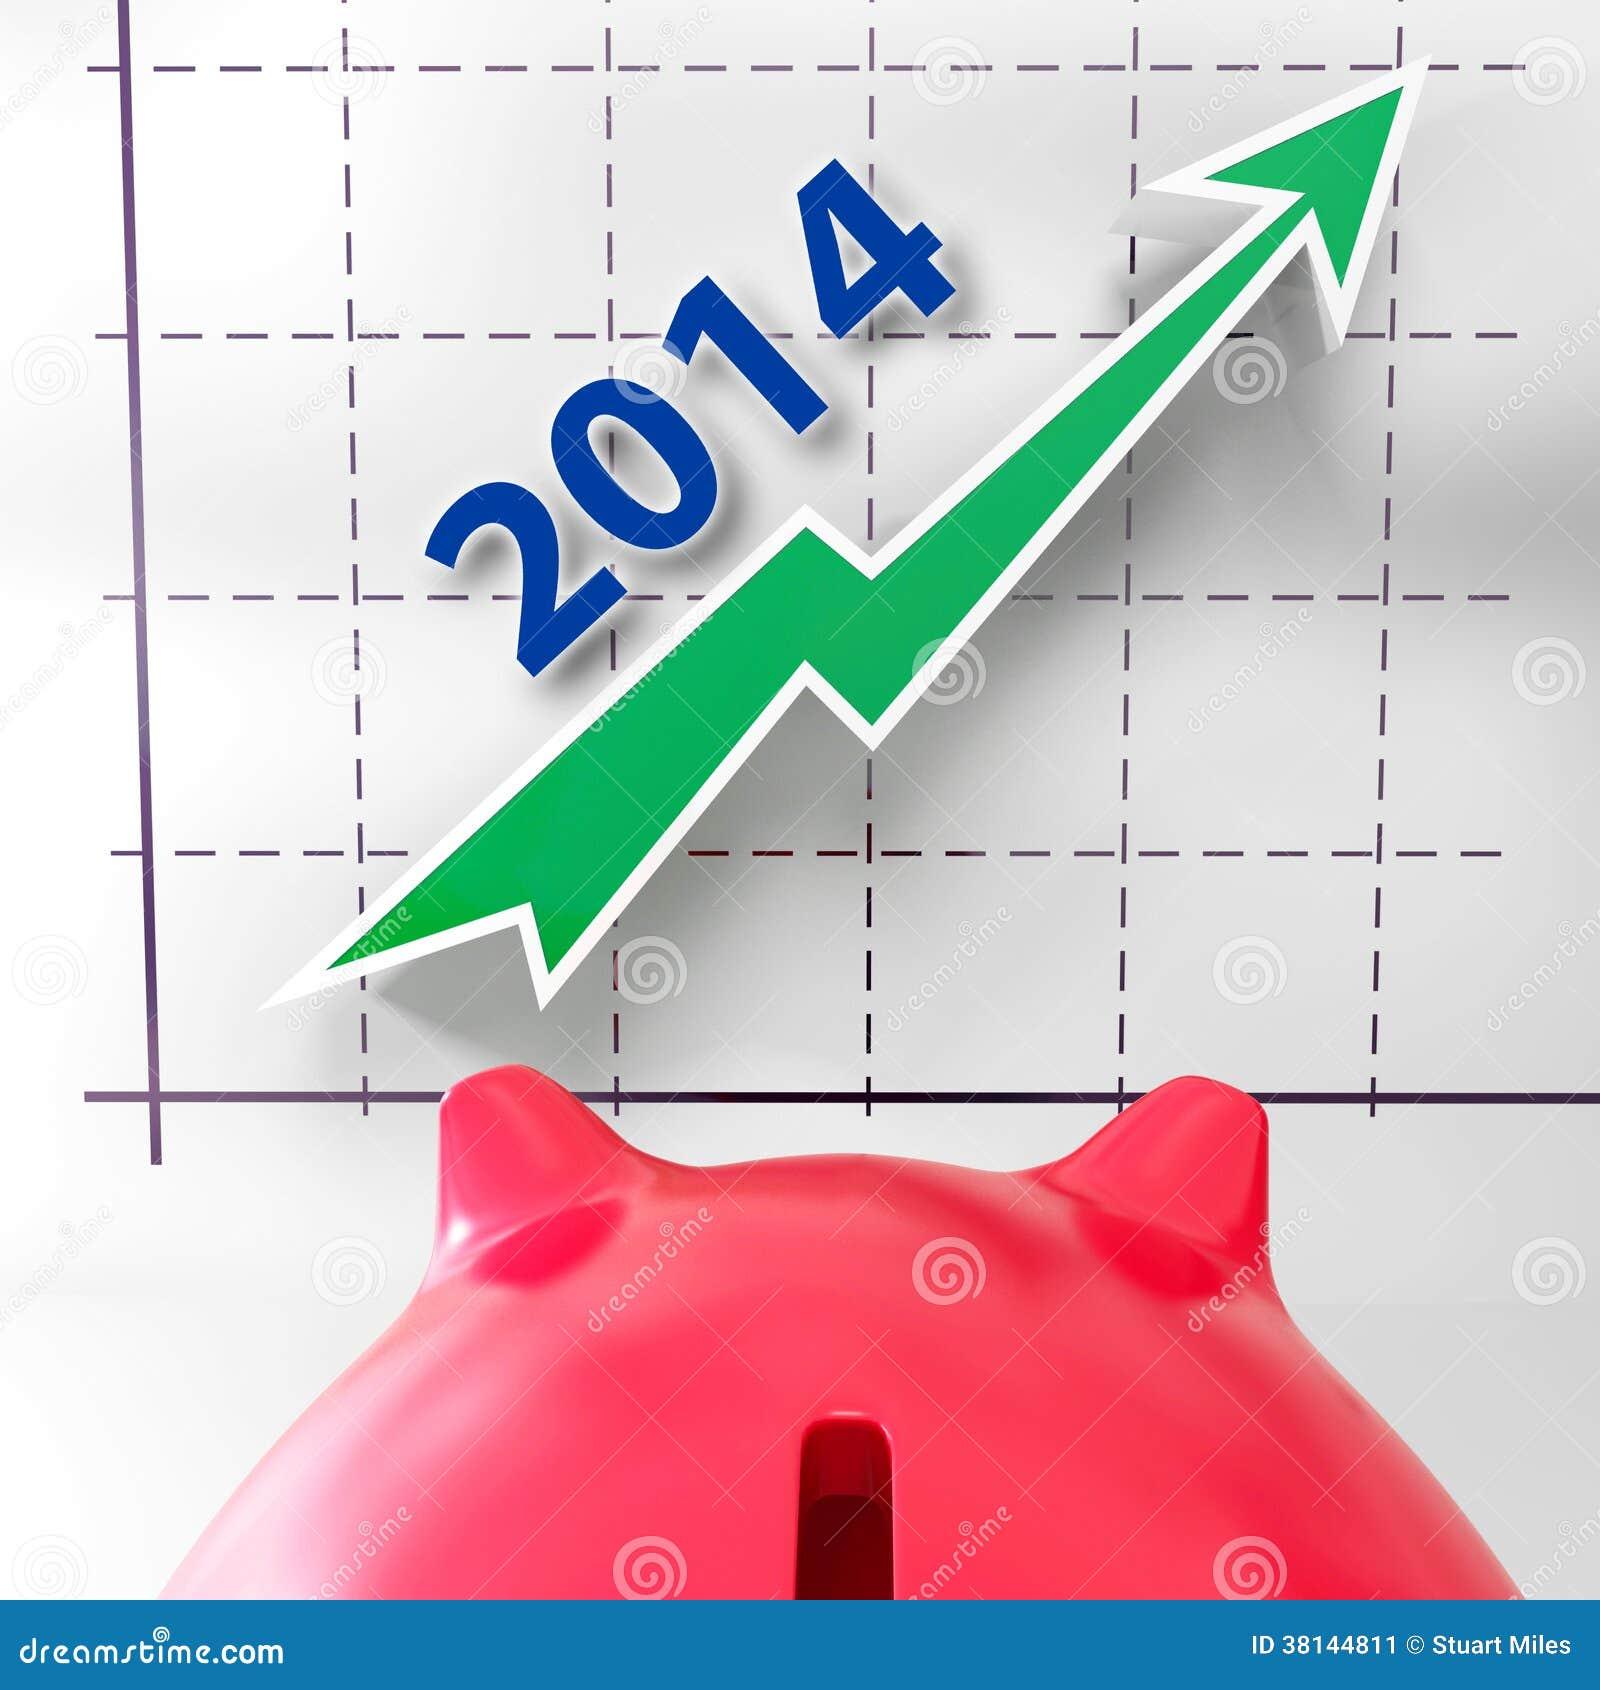 Diagramm 2014 zeigt wachsendes Einkommen und profitiert